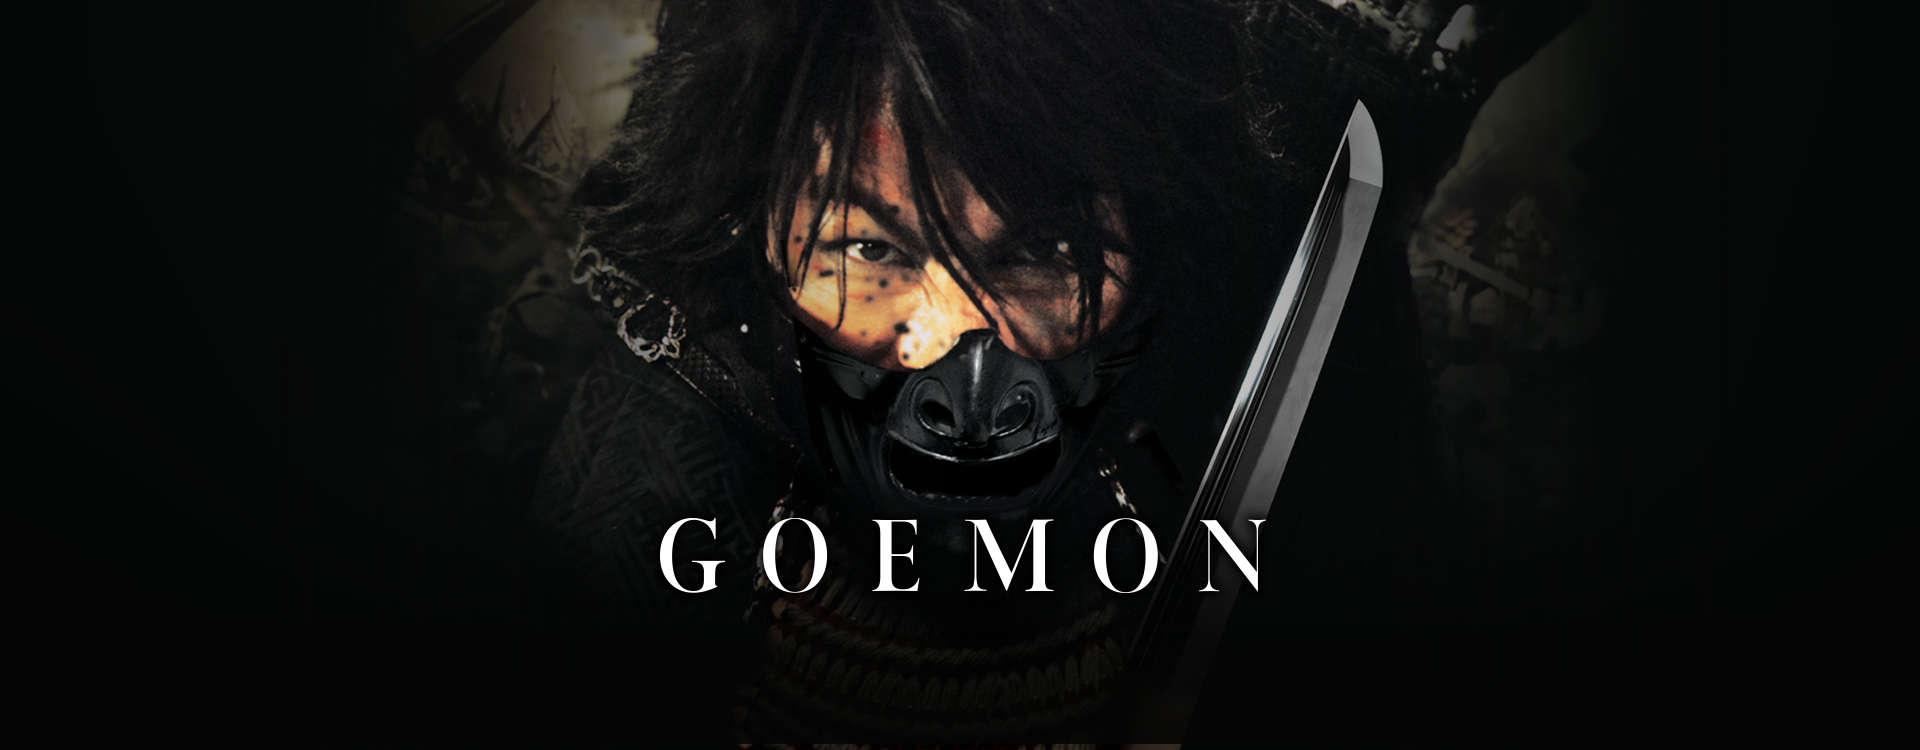 Goemon